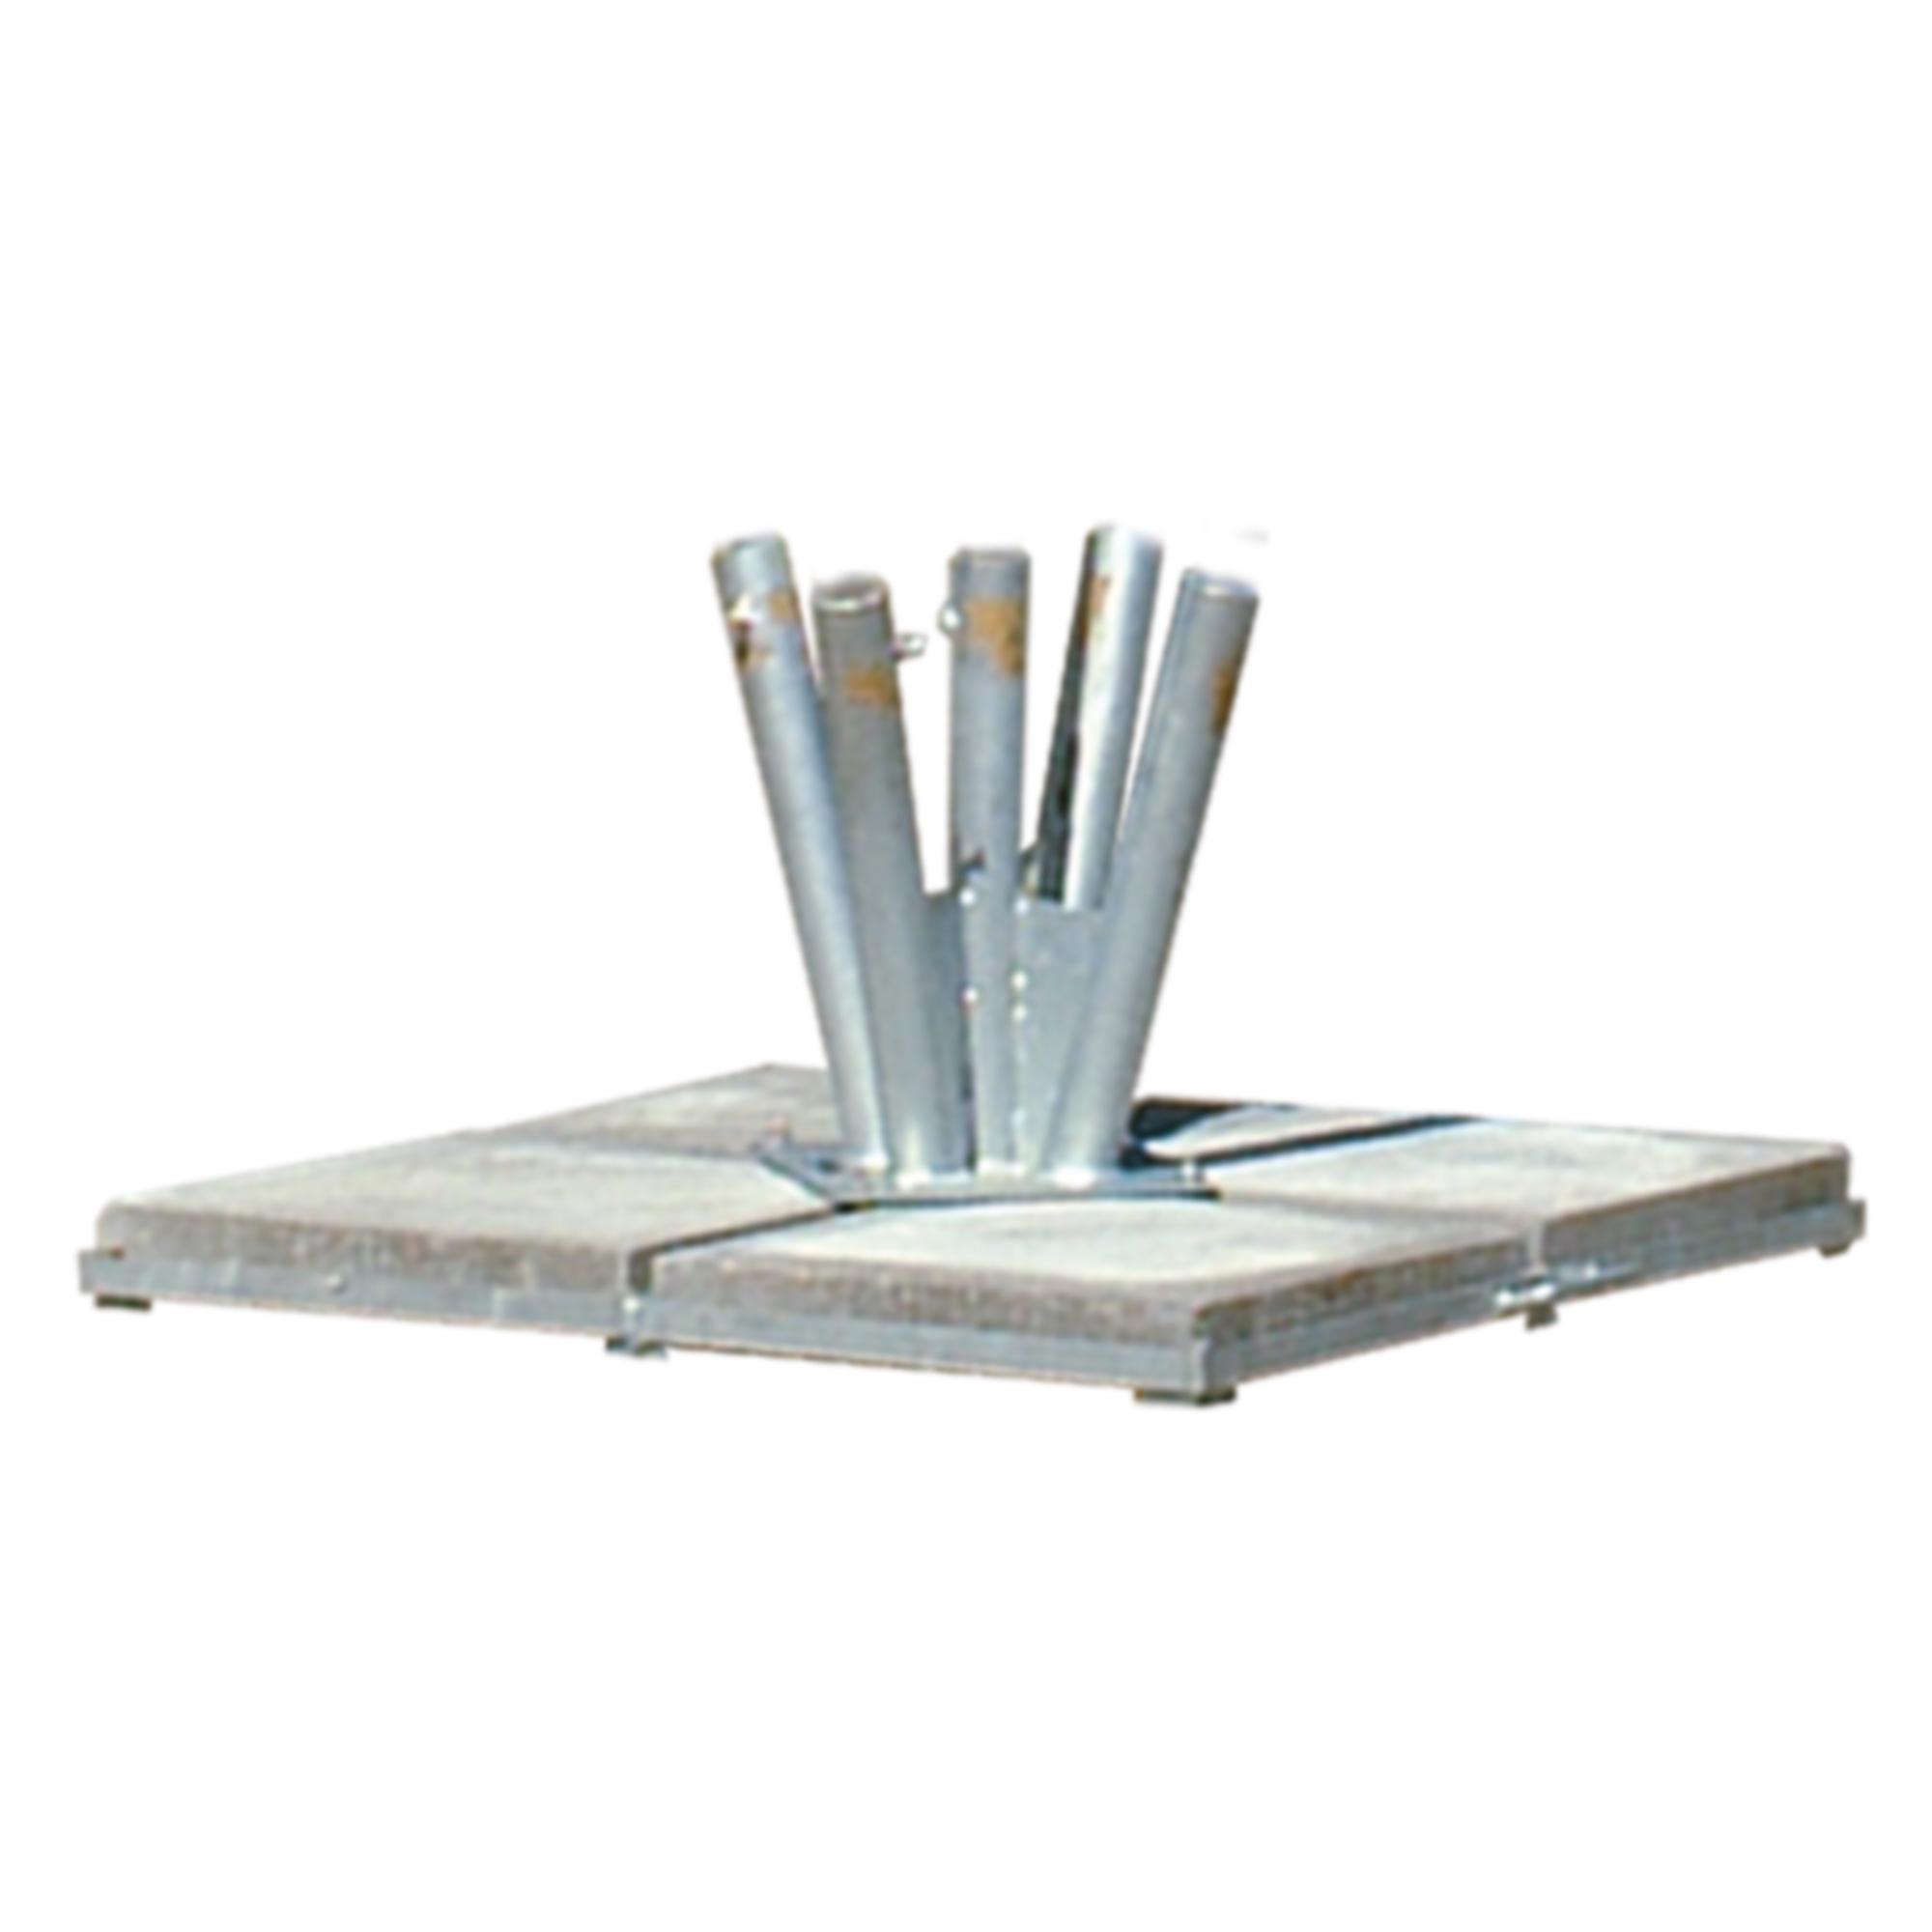 Standfuß für 3 Maste bis 50 mm Durchmesser